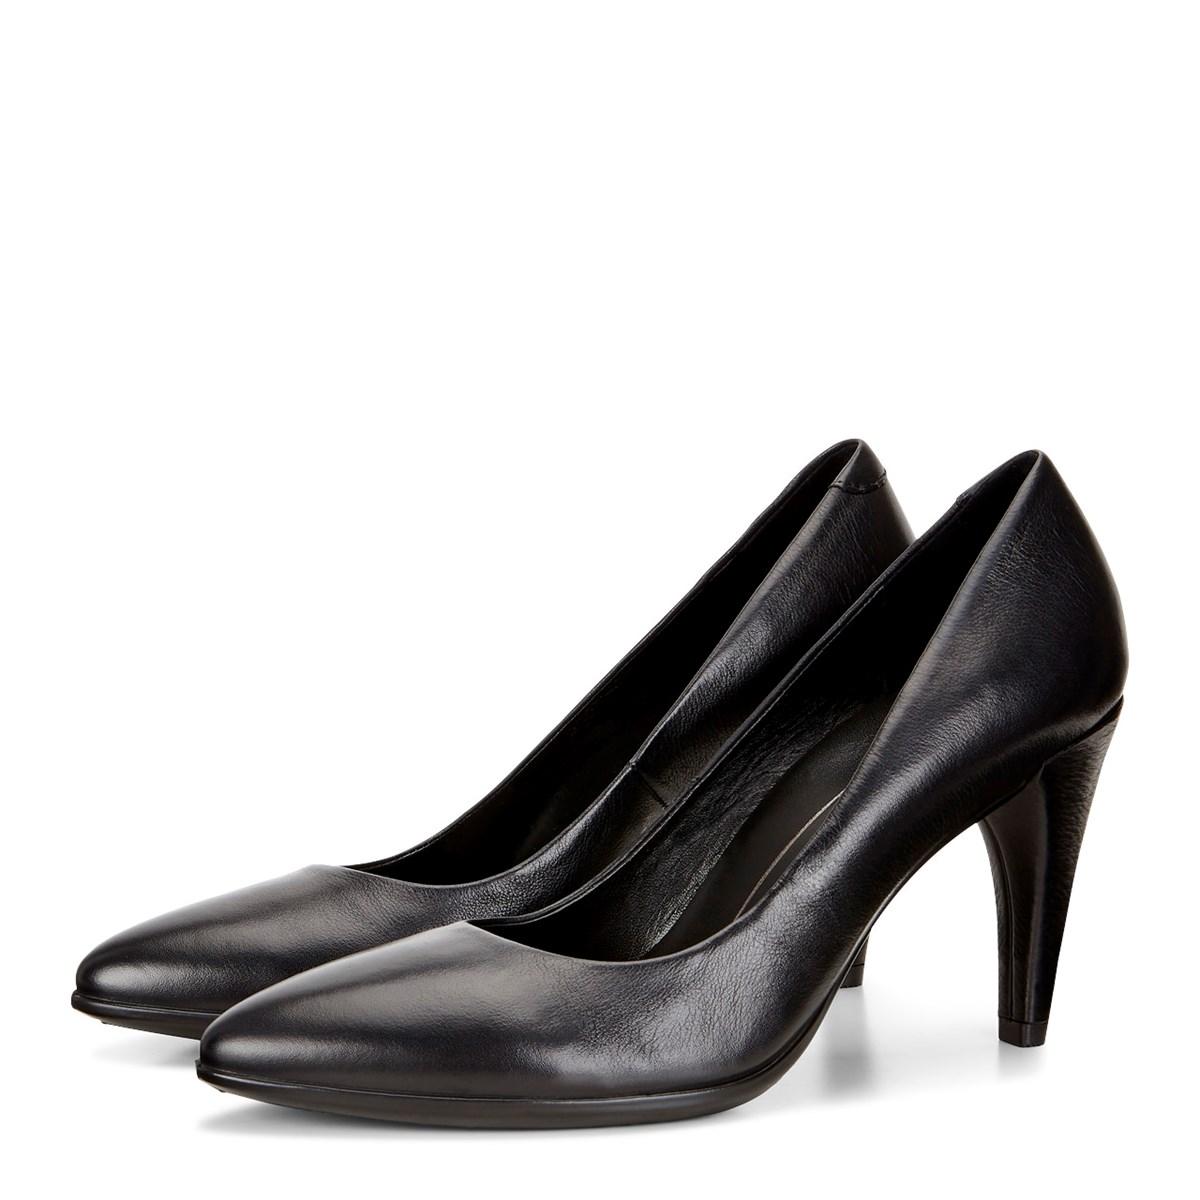 284e006c994 Shape - SHAPE 75 POINTY - ECCO Shoes NZ